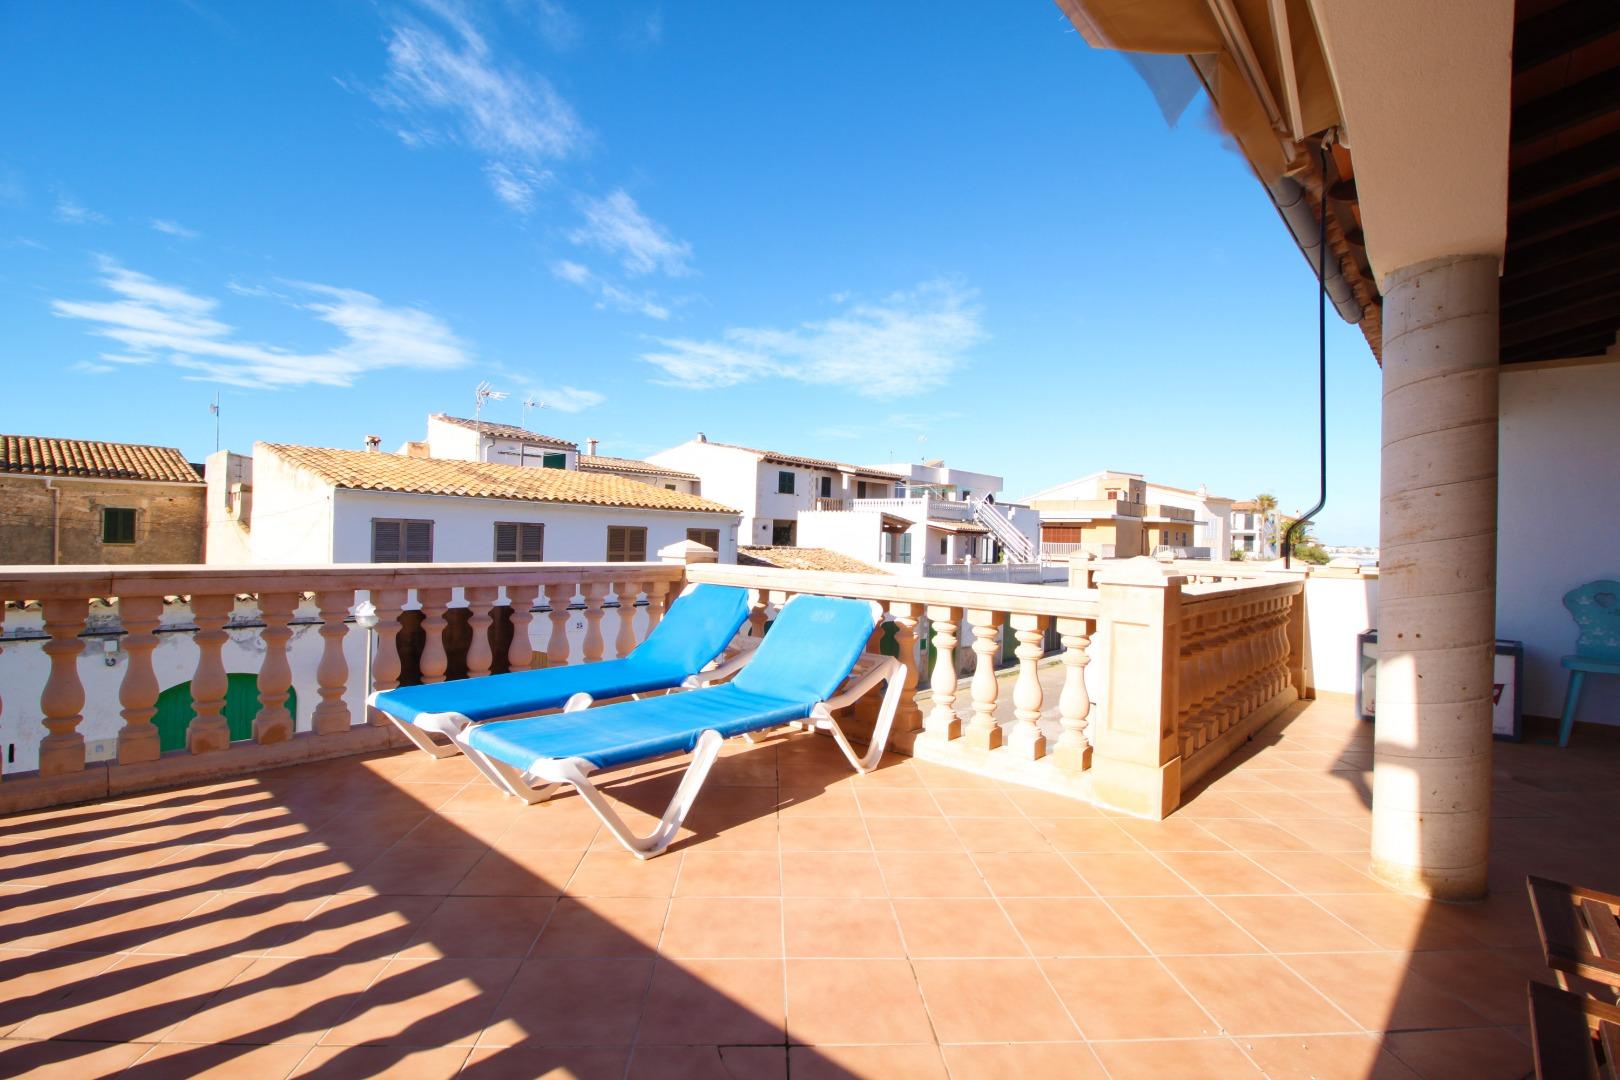 Rental Flat  Migjorn - santanyí, zona de - Campos. **** description below in deutsch, english & español ****